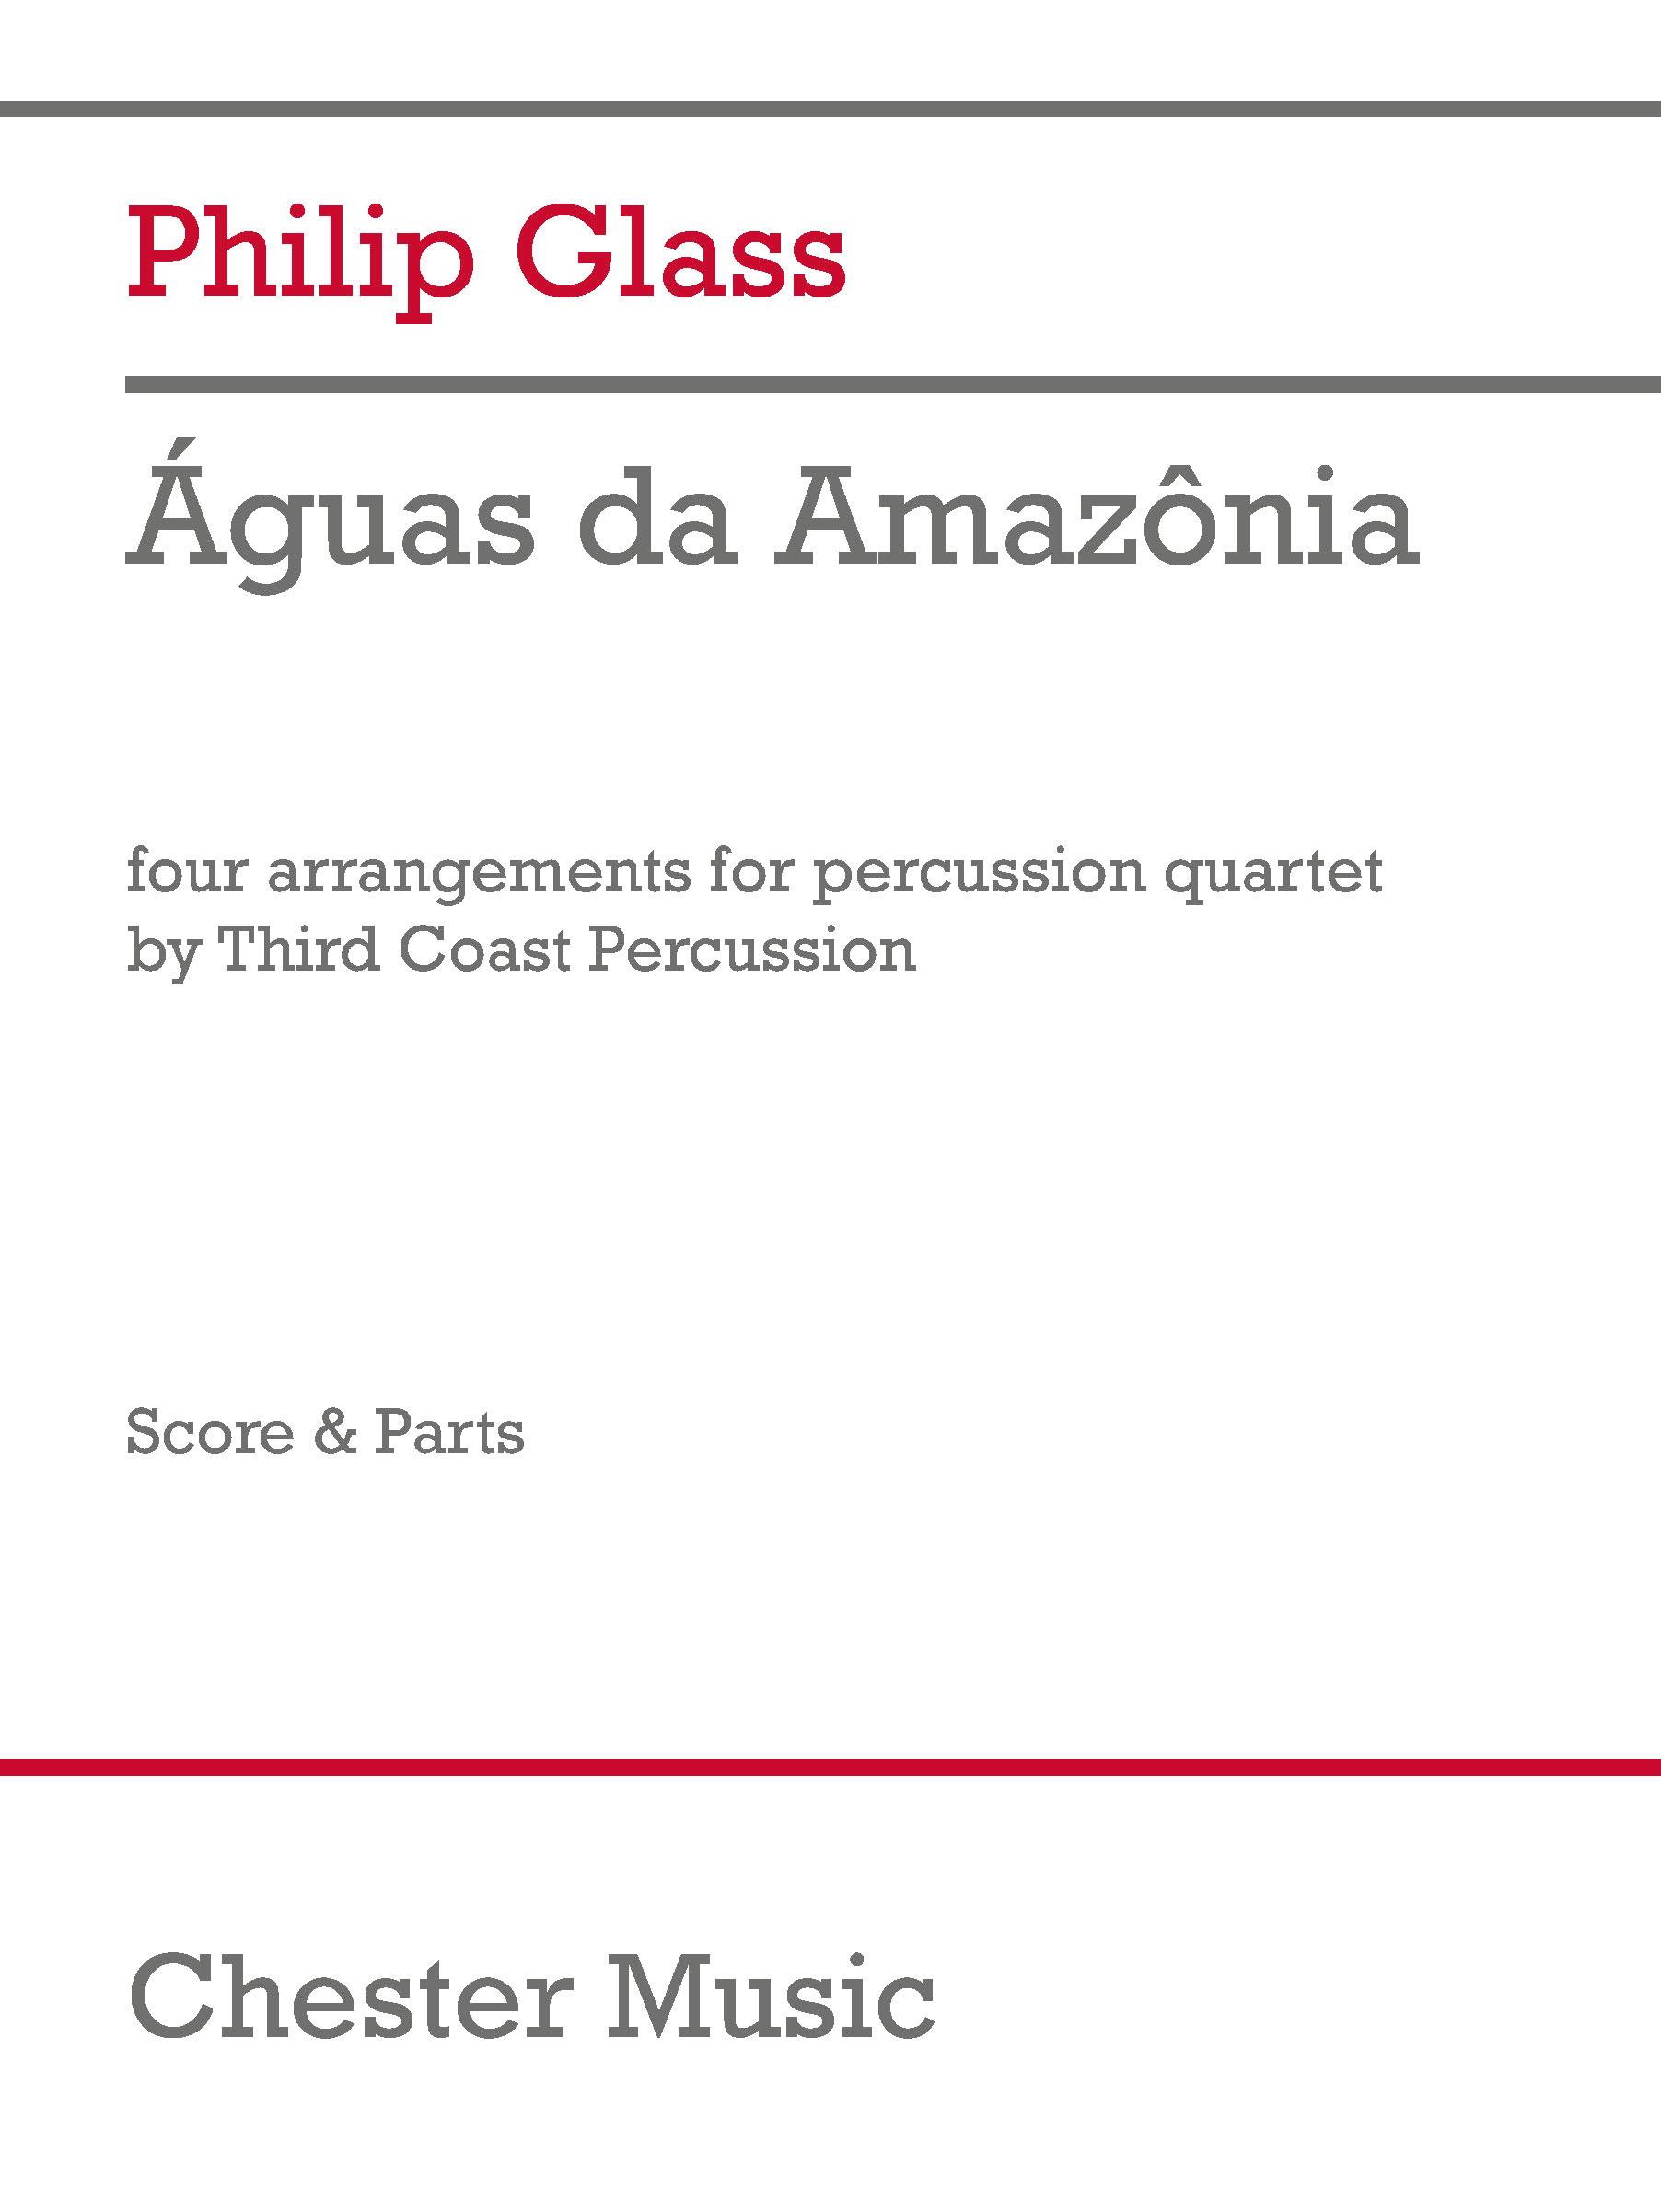 Philip Glass: Águas da Amazônia